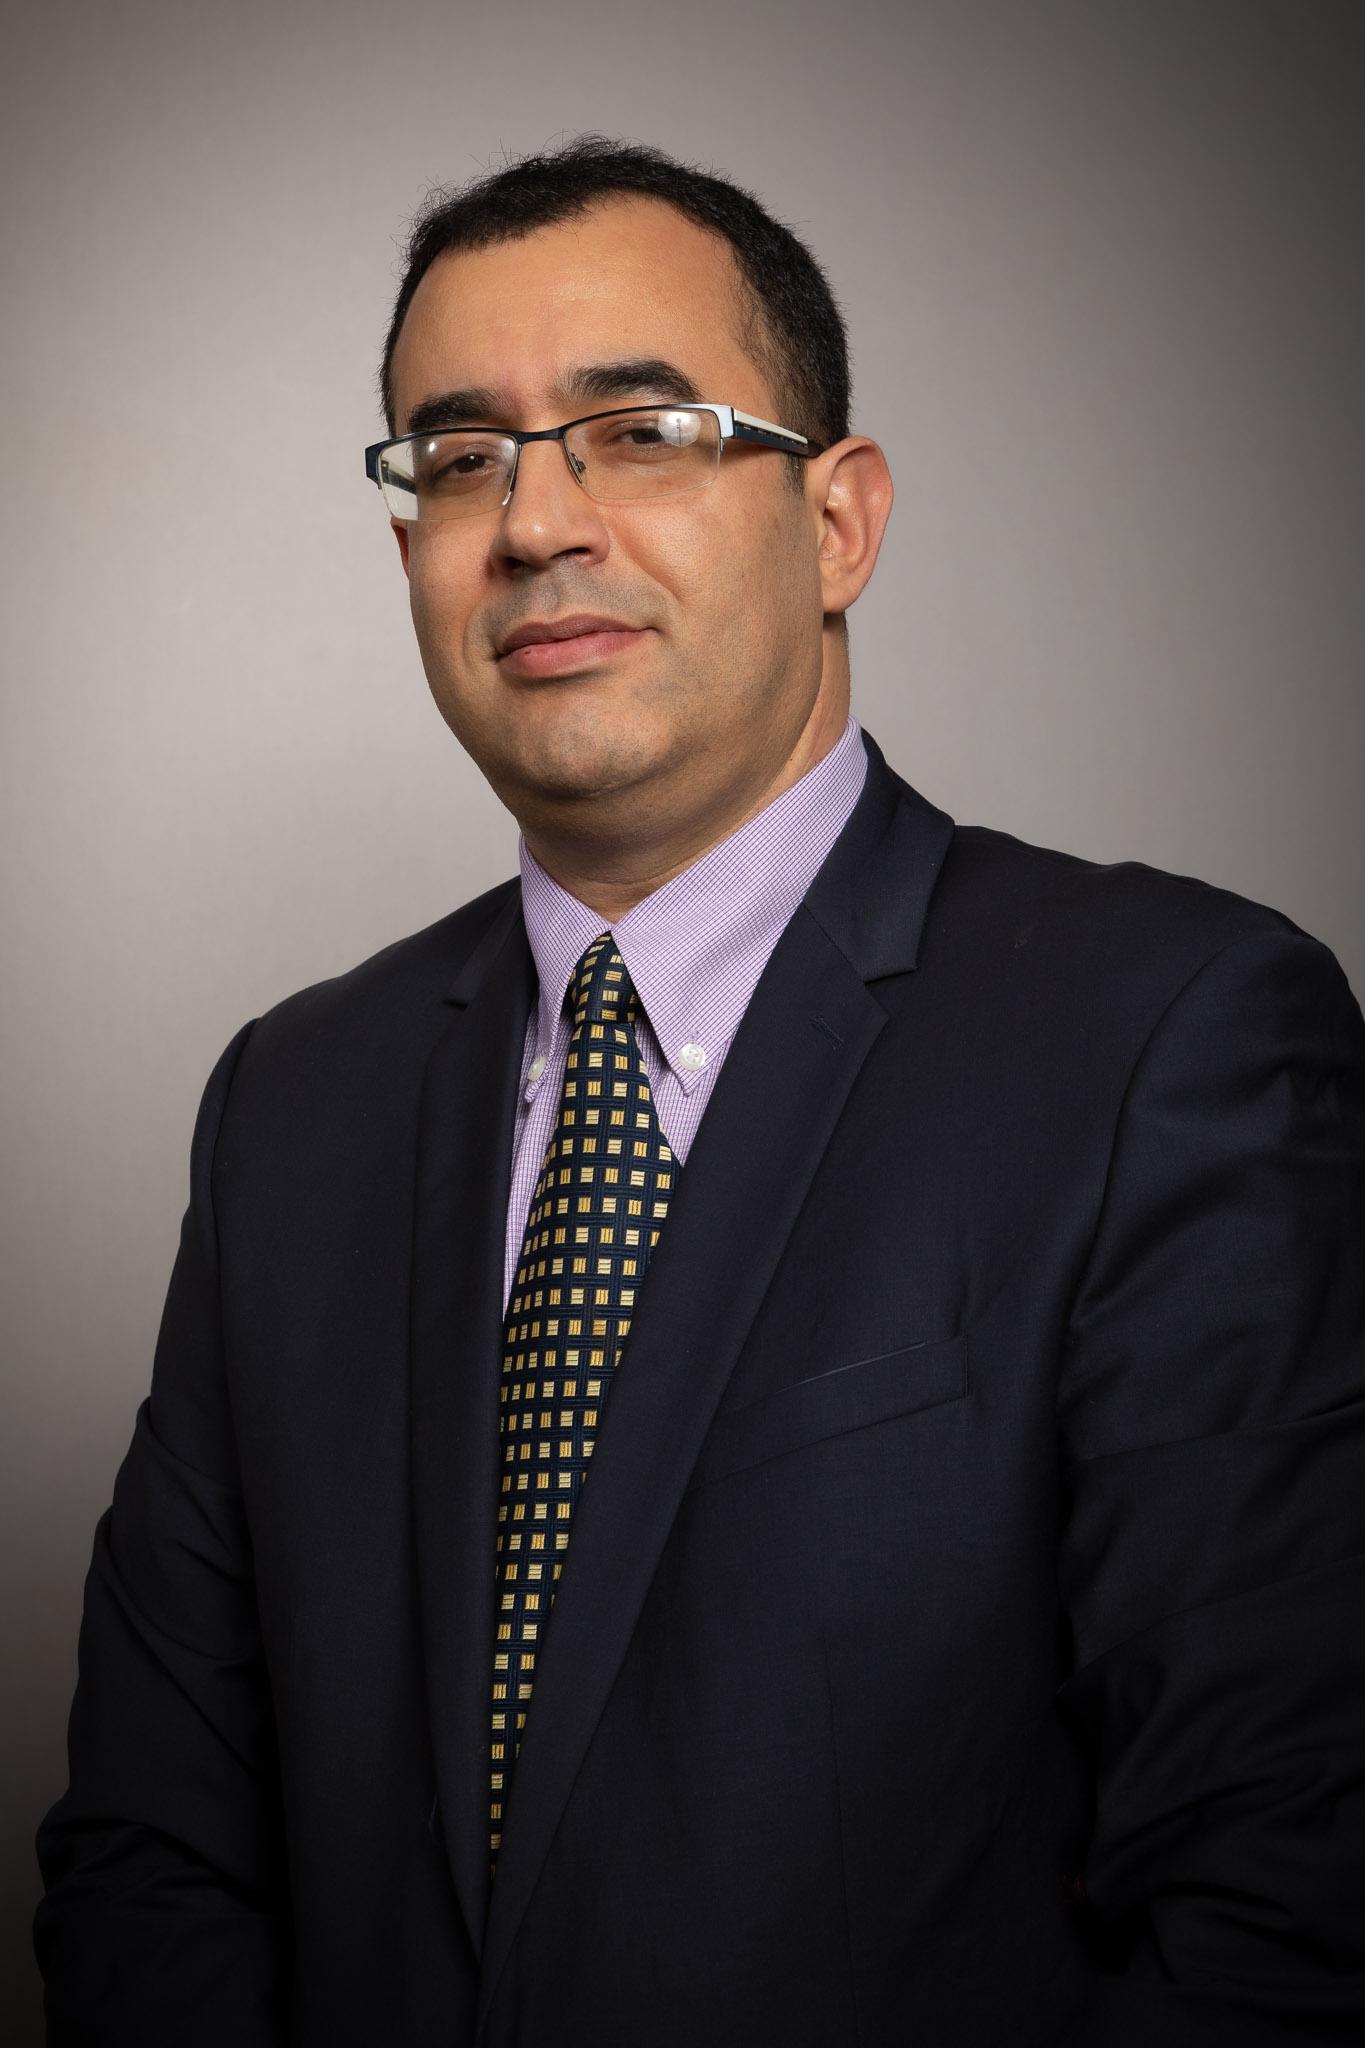 Mohammed Youbi Idrissi - directeur expertise, recherche, innovation Cemafroid